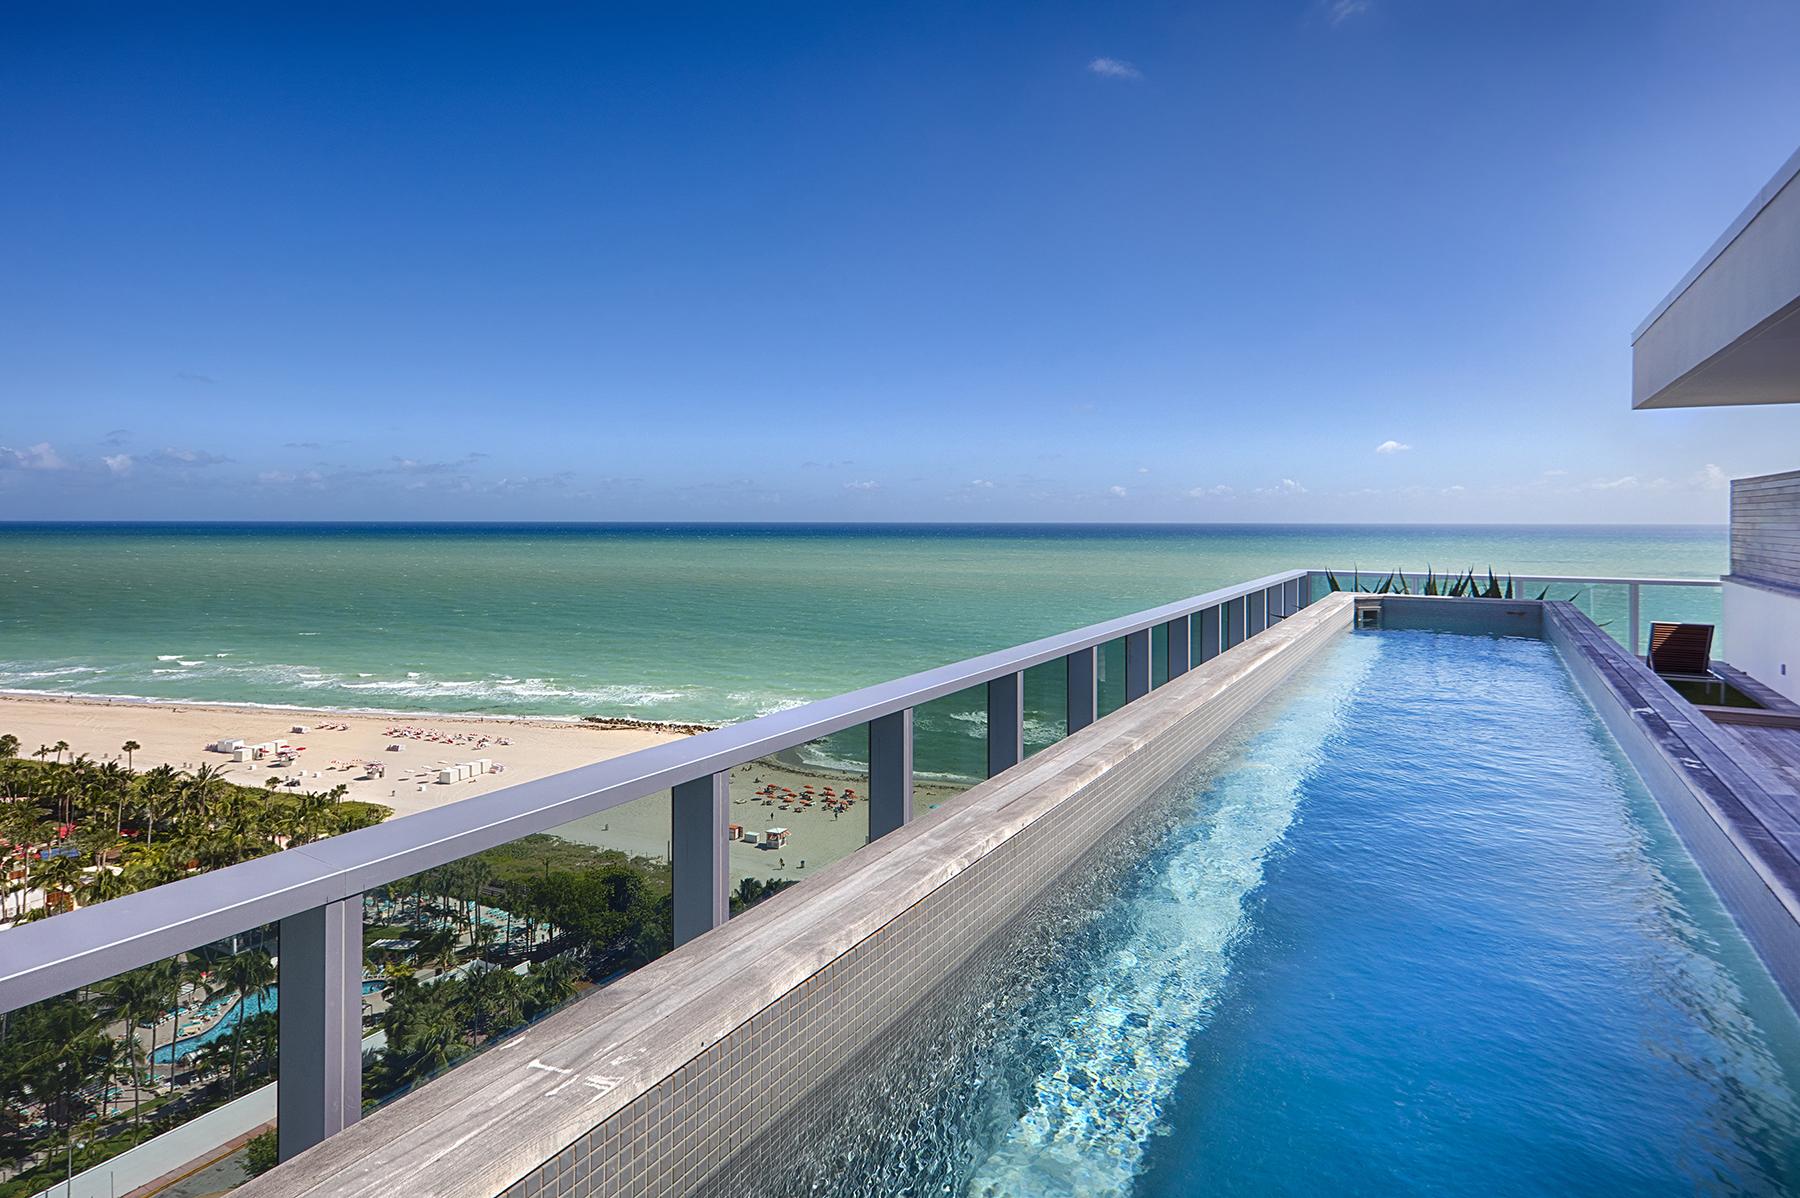 2901 COLLINS AVE # 1602 MIAMI BEACH, FL 33140 – $22,000,000